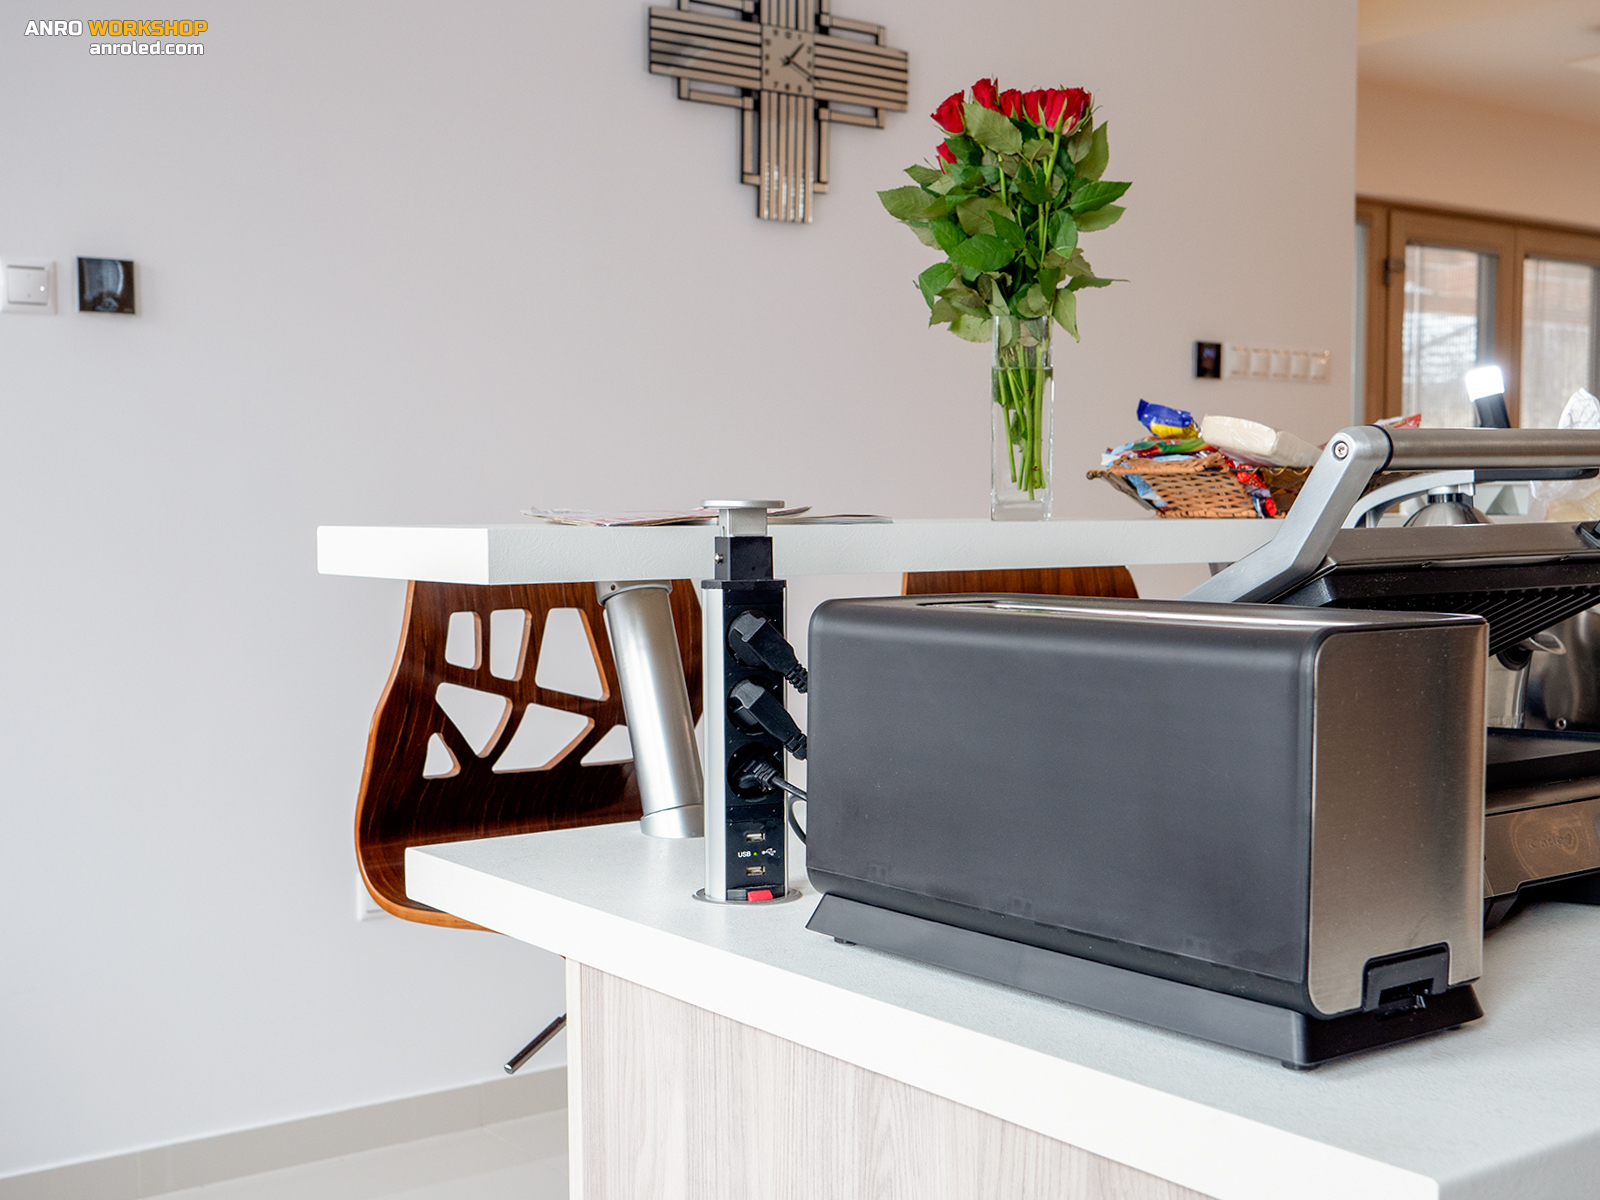 Annak ellenőre, hogy bőven ráterveztünk, a konyhaszigetbe csak be kellett építeni egy rejtett elosztót, mert nem lett elég a konnektor.